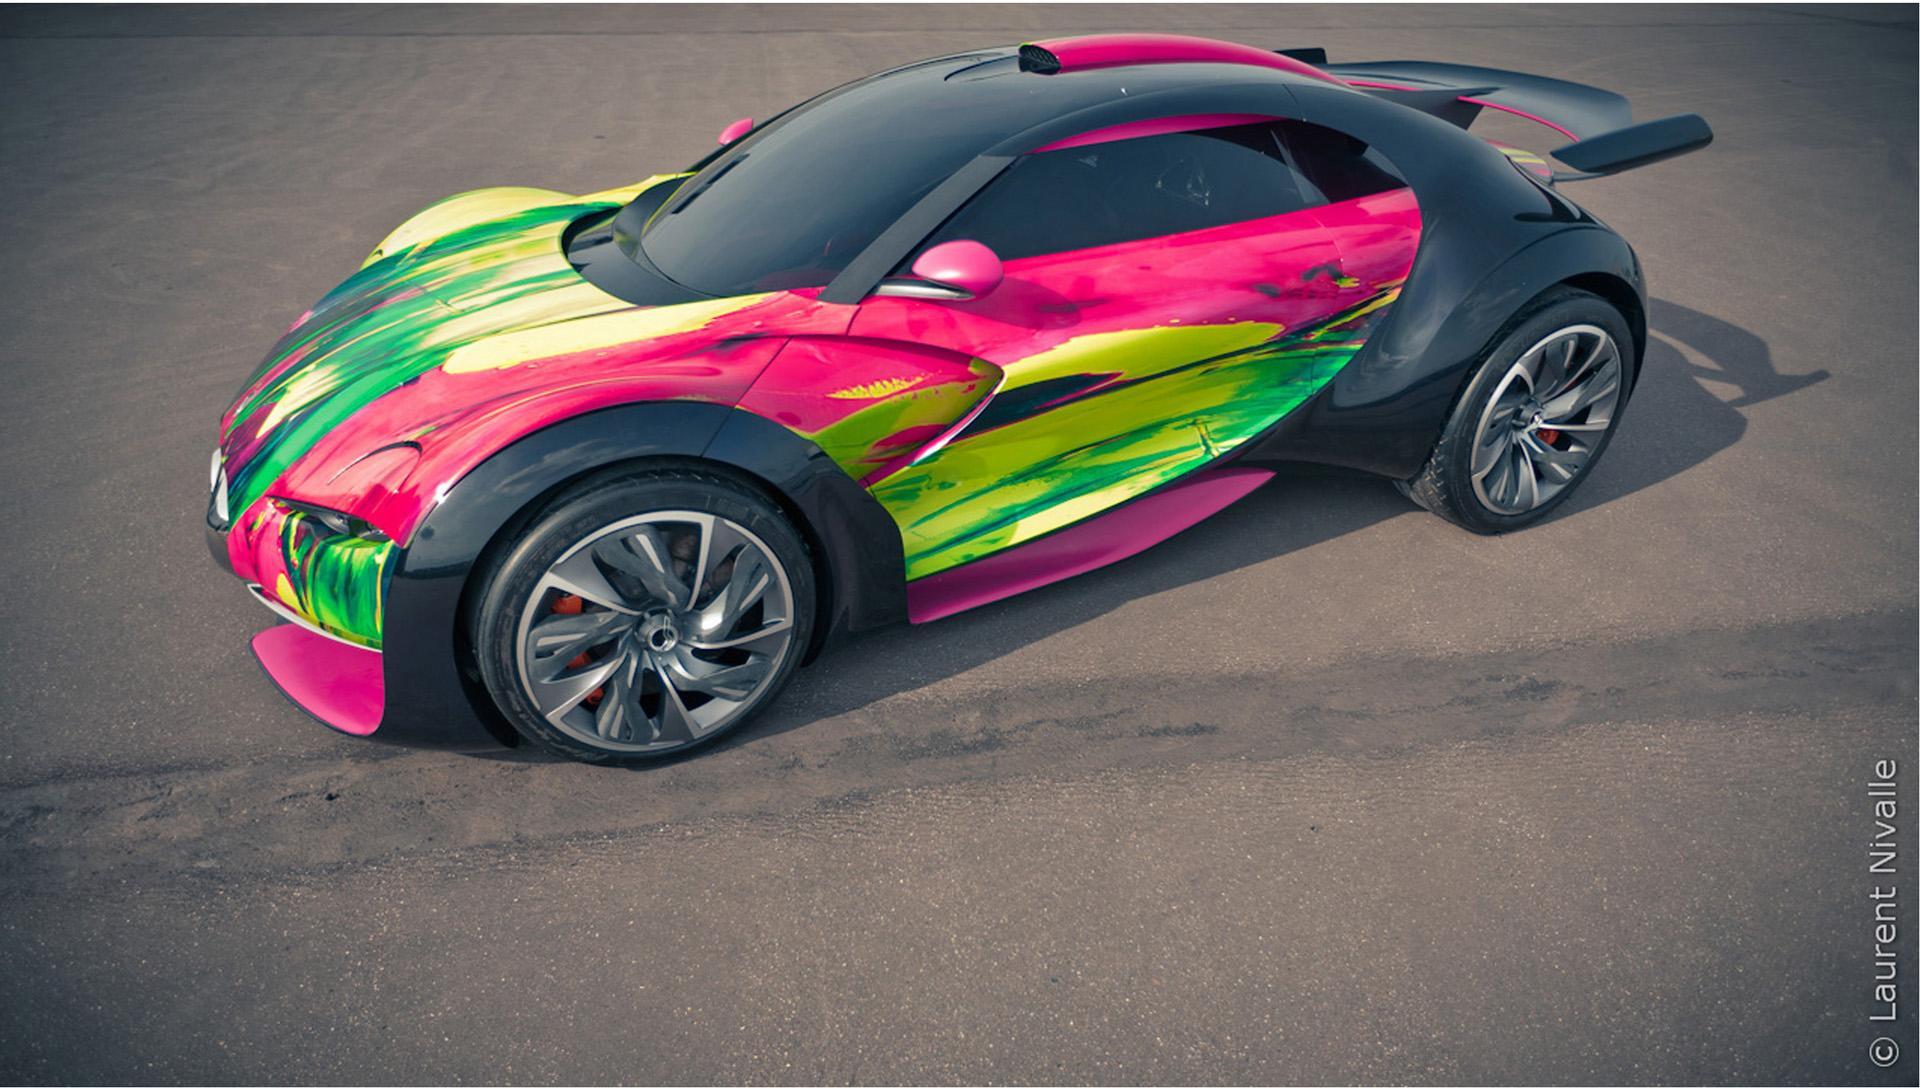 2010 Citroen Survolt Art Car Concept News and Information, Research ...